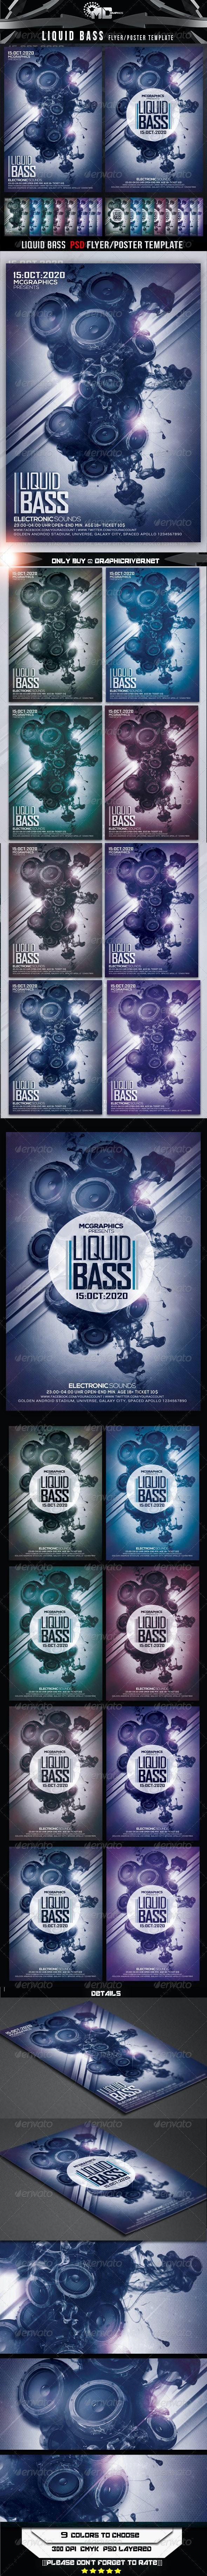 Liquid Bass Flyer Template - Print Templates